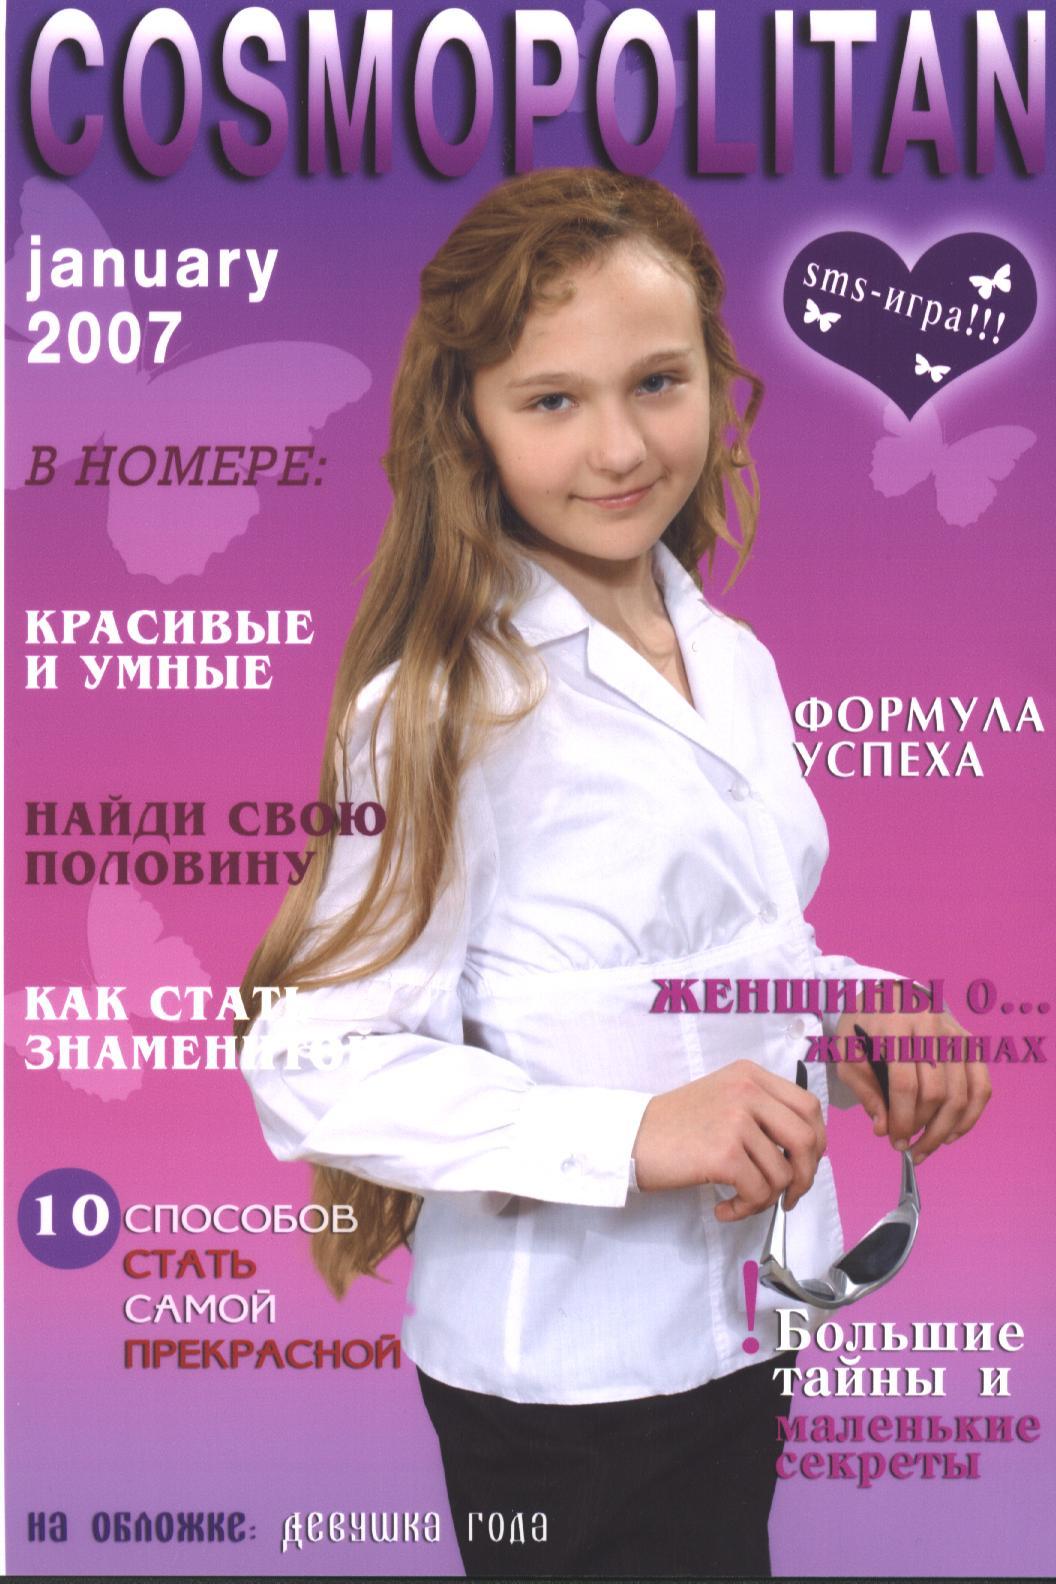 mvy2003